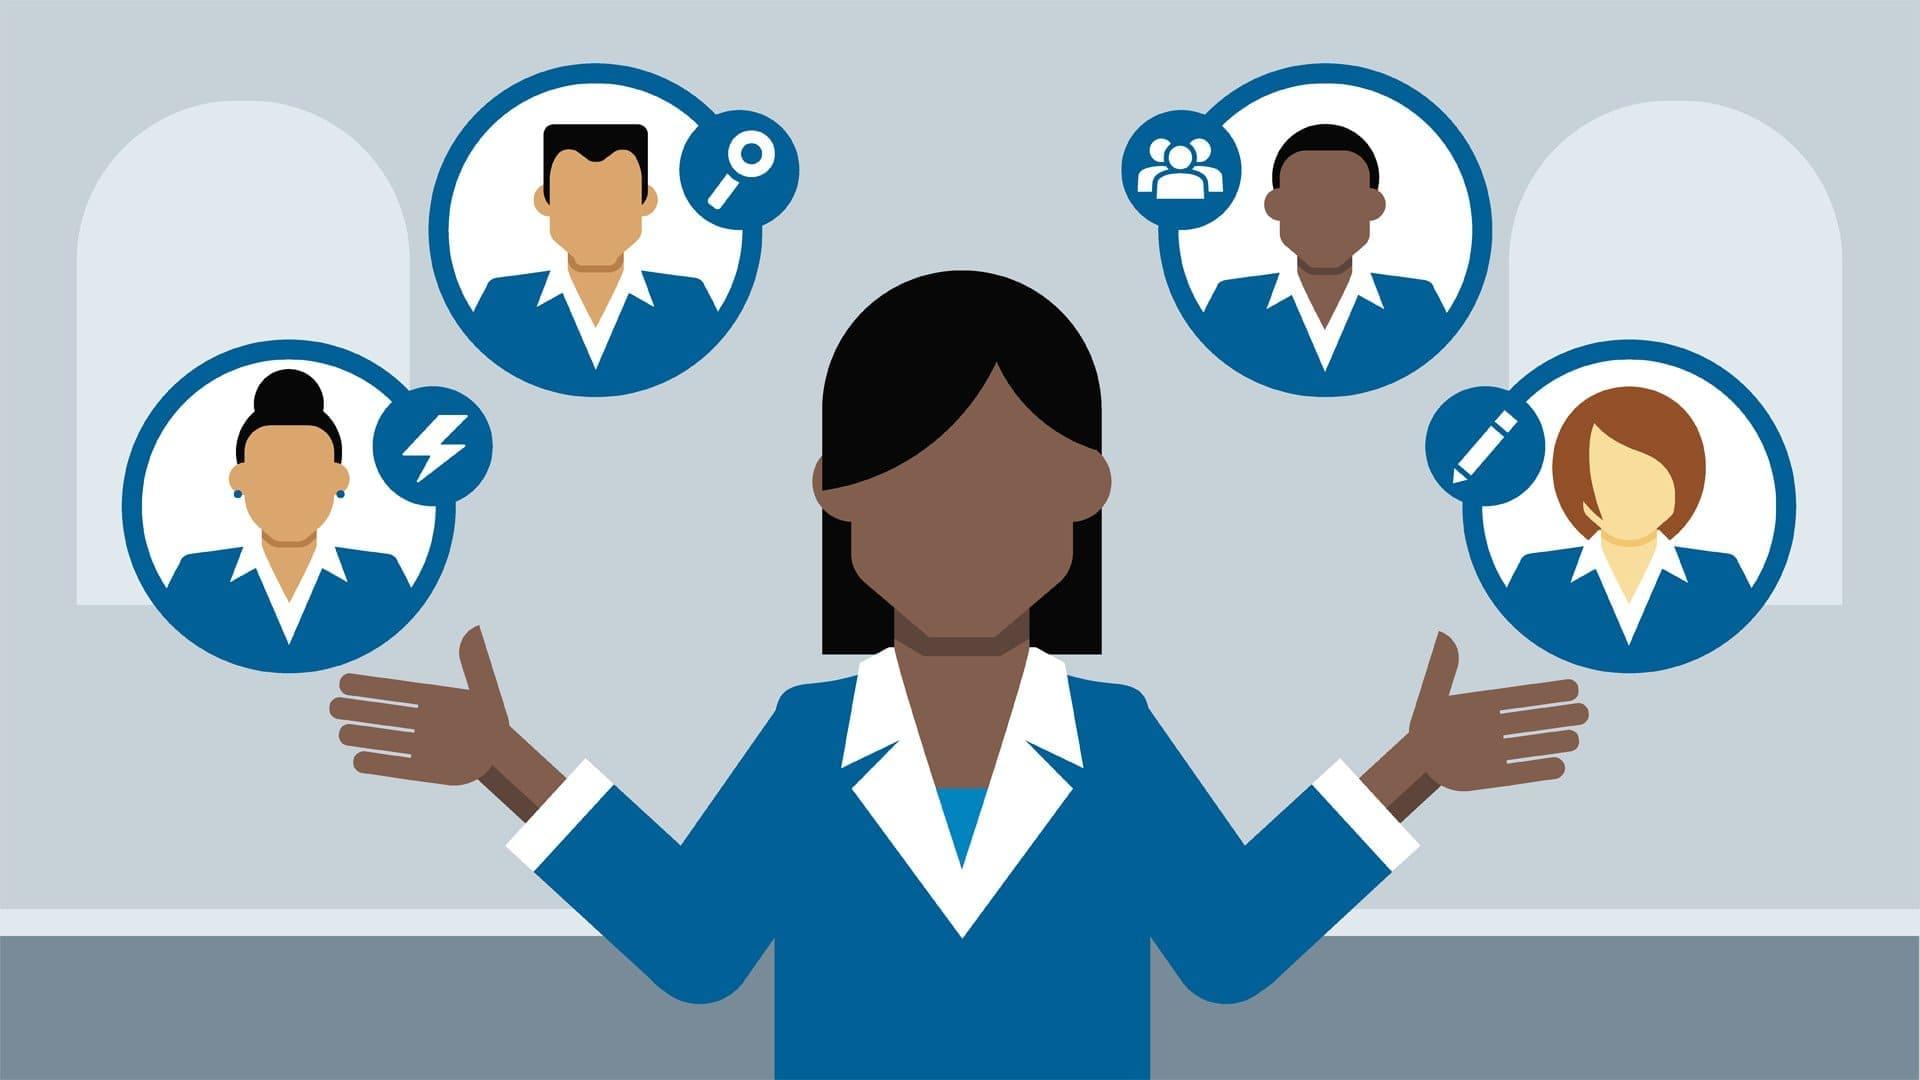 Como monitorar funcionários sem infringir as leis?